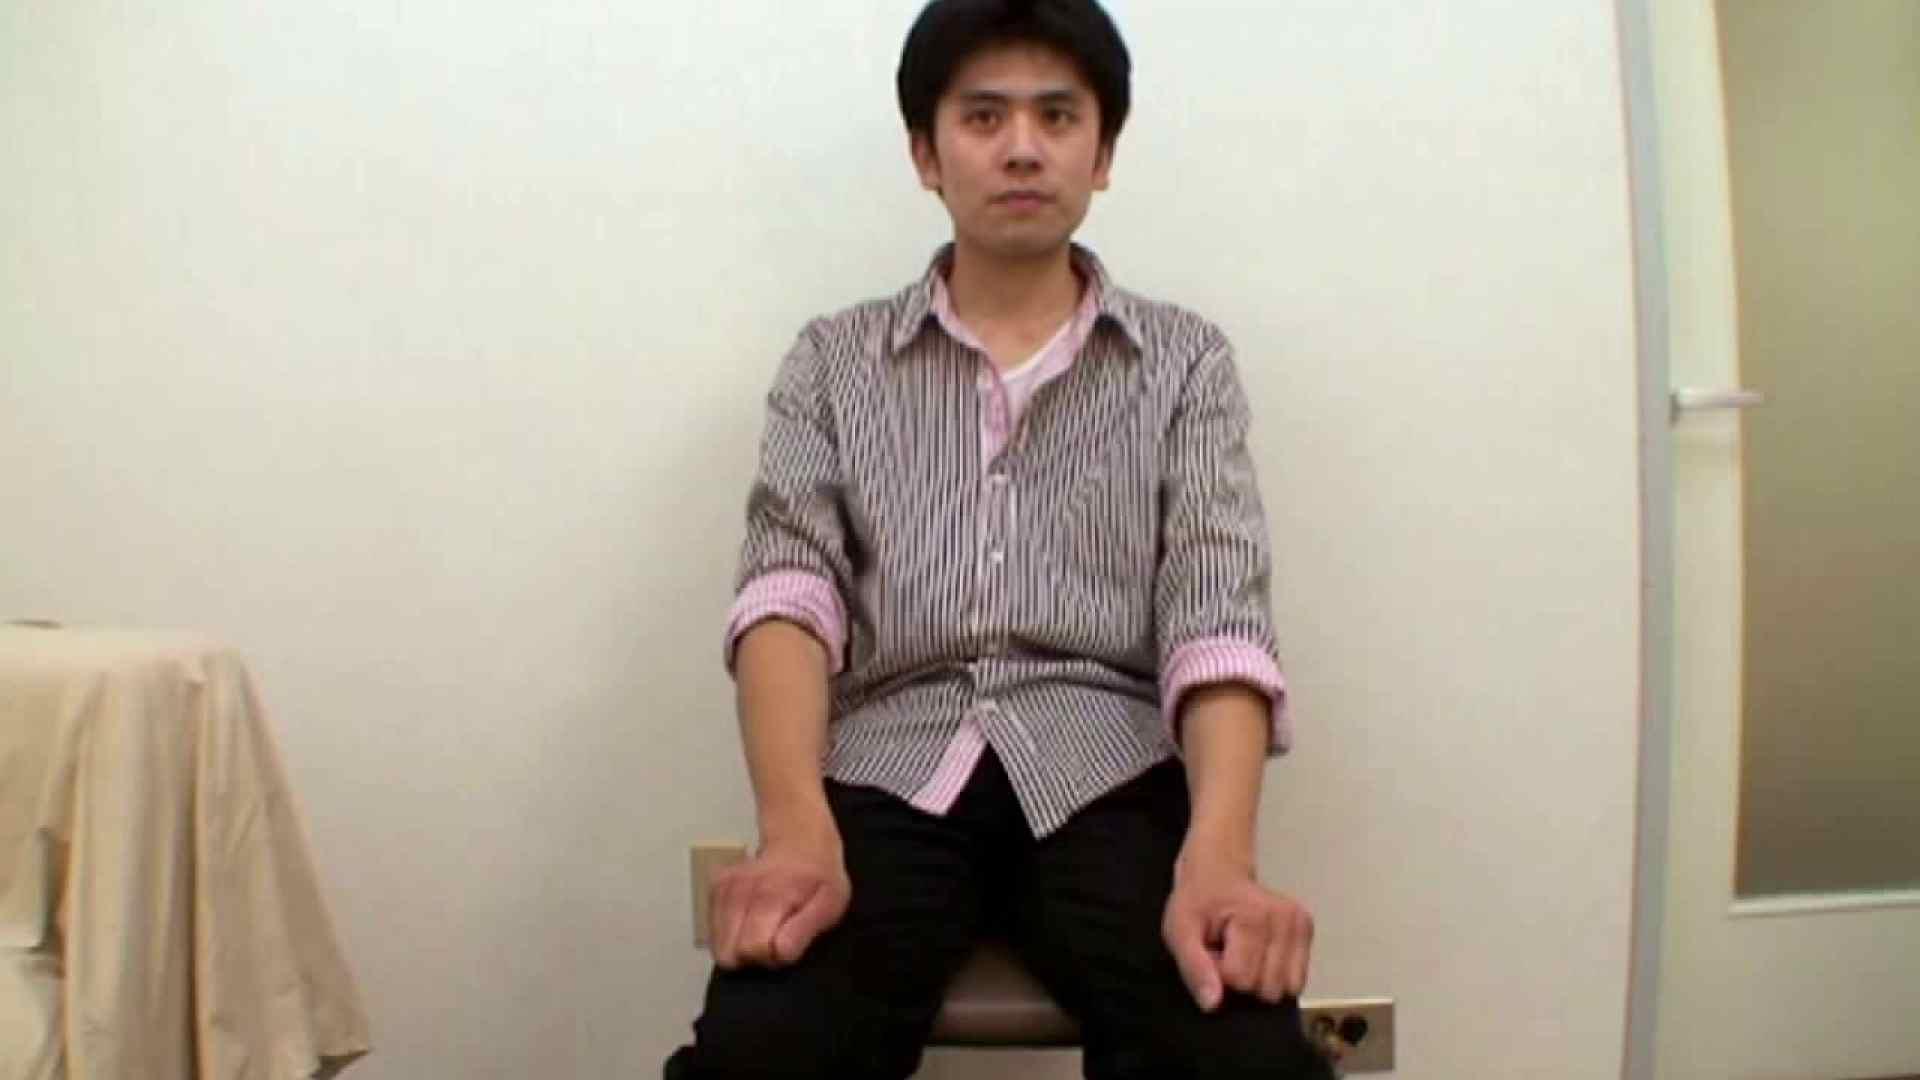 ノンケ!自慰スタジオ No.32 自慰  92pic 1